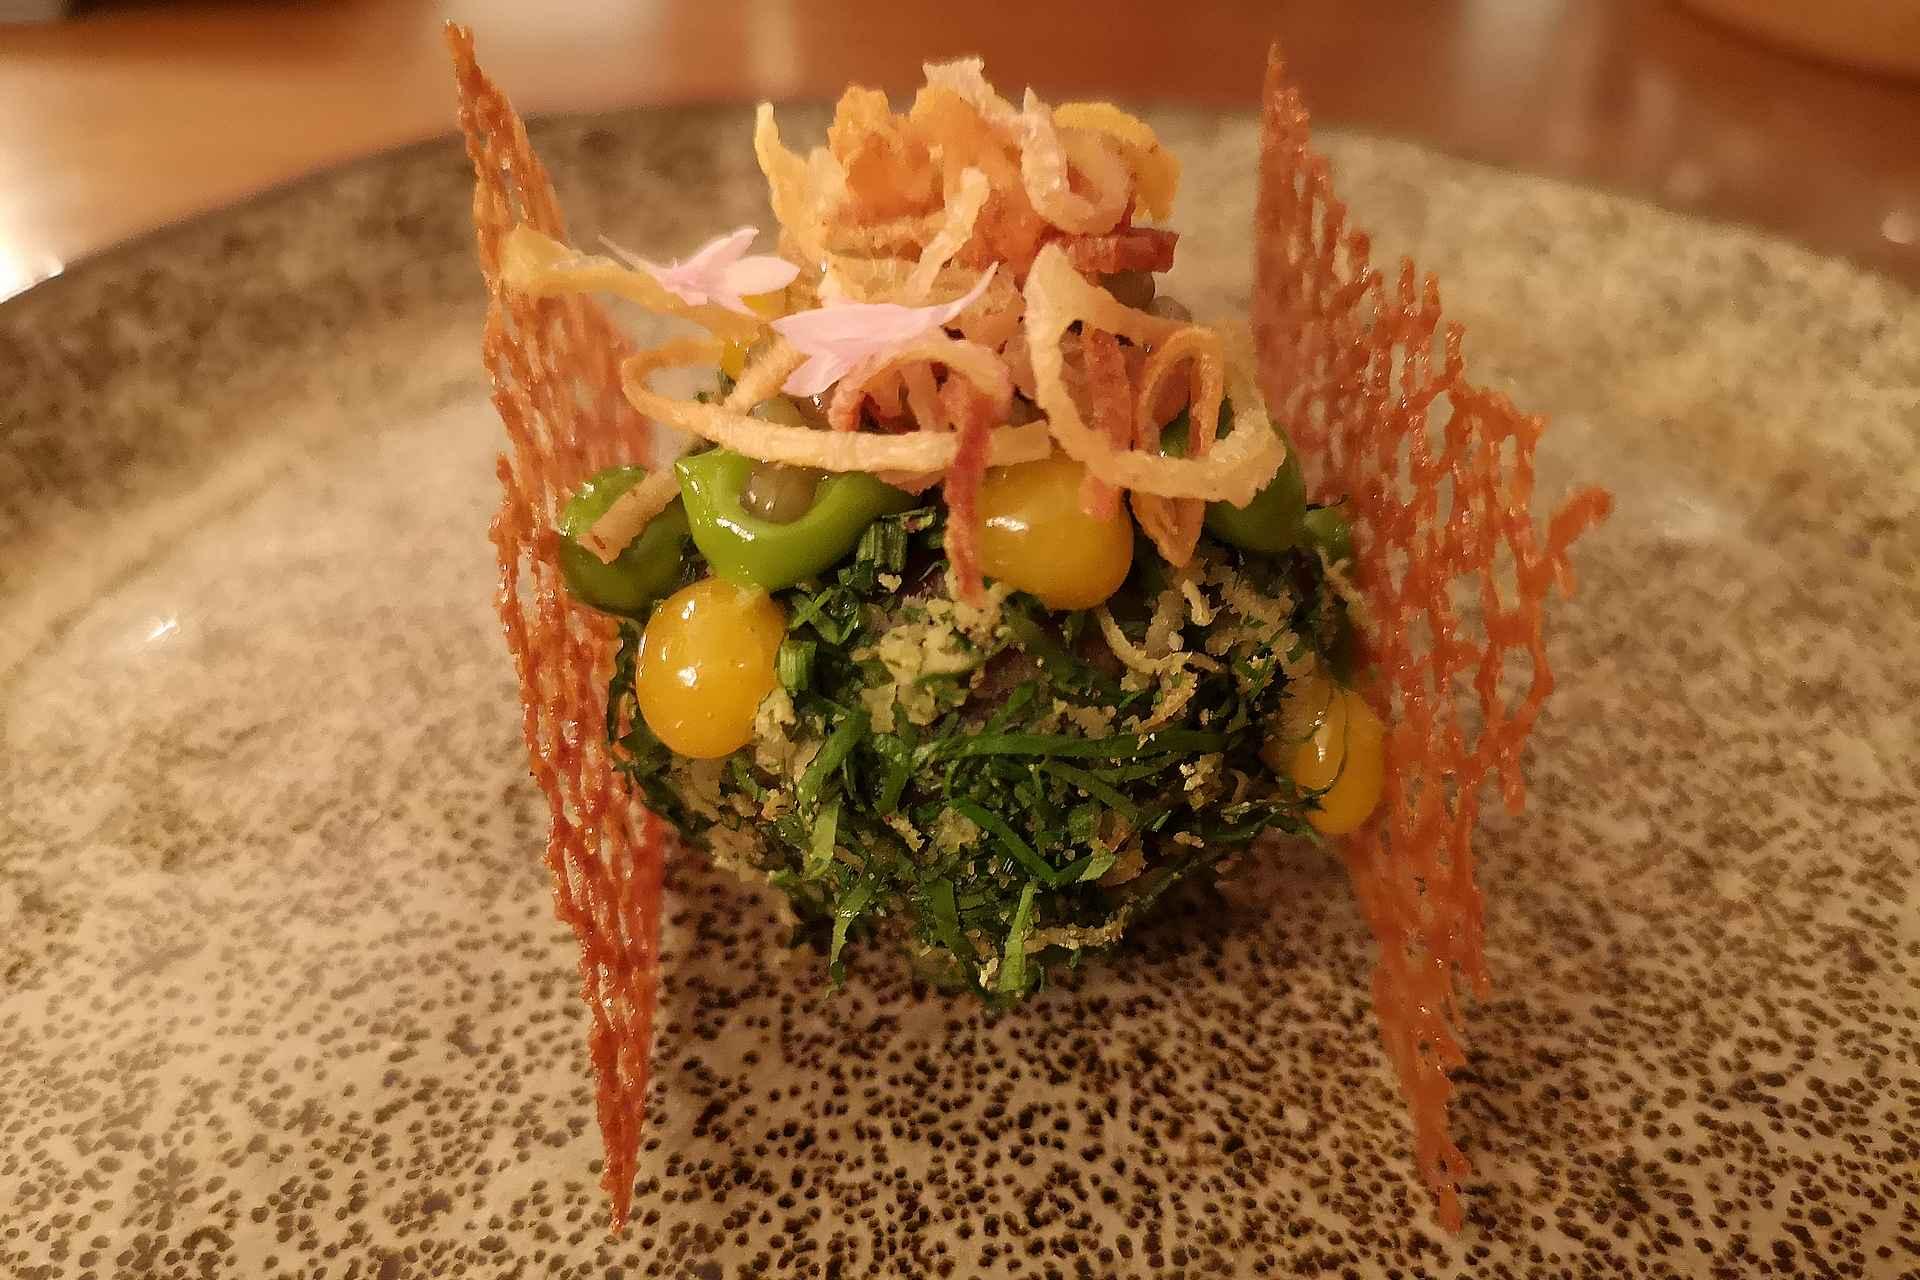 Tartar oli kauneudessaan upea. Ensimmäinen ruoka missä oli hieman jälkipotkua. Nautittiin chiantilaisella Rocca delle Macie kevyellä punaviinillä, joka räjäytti tajunnan.